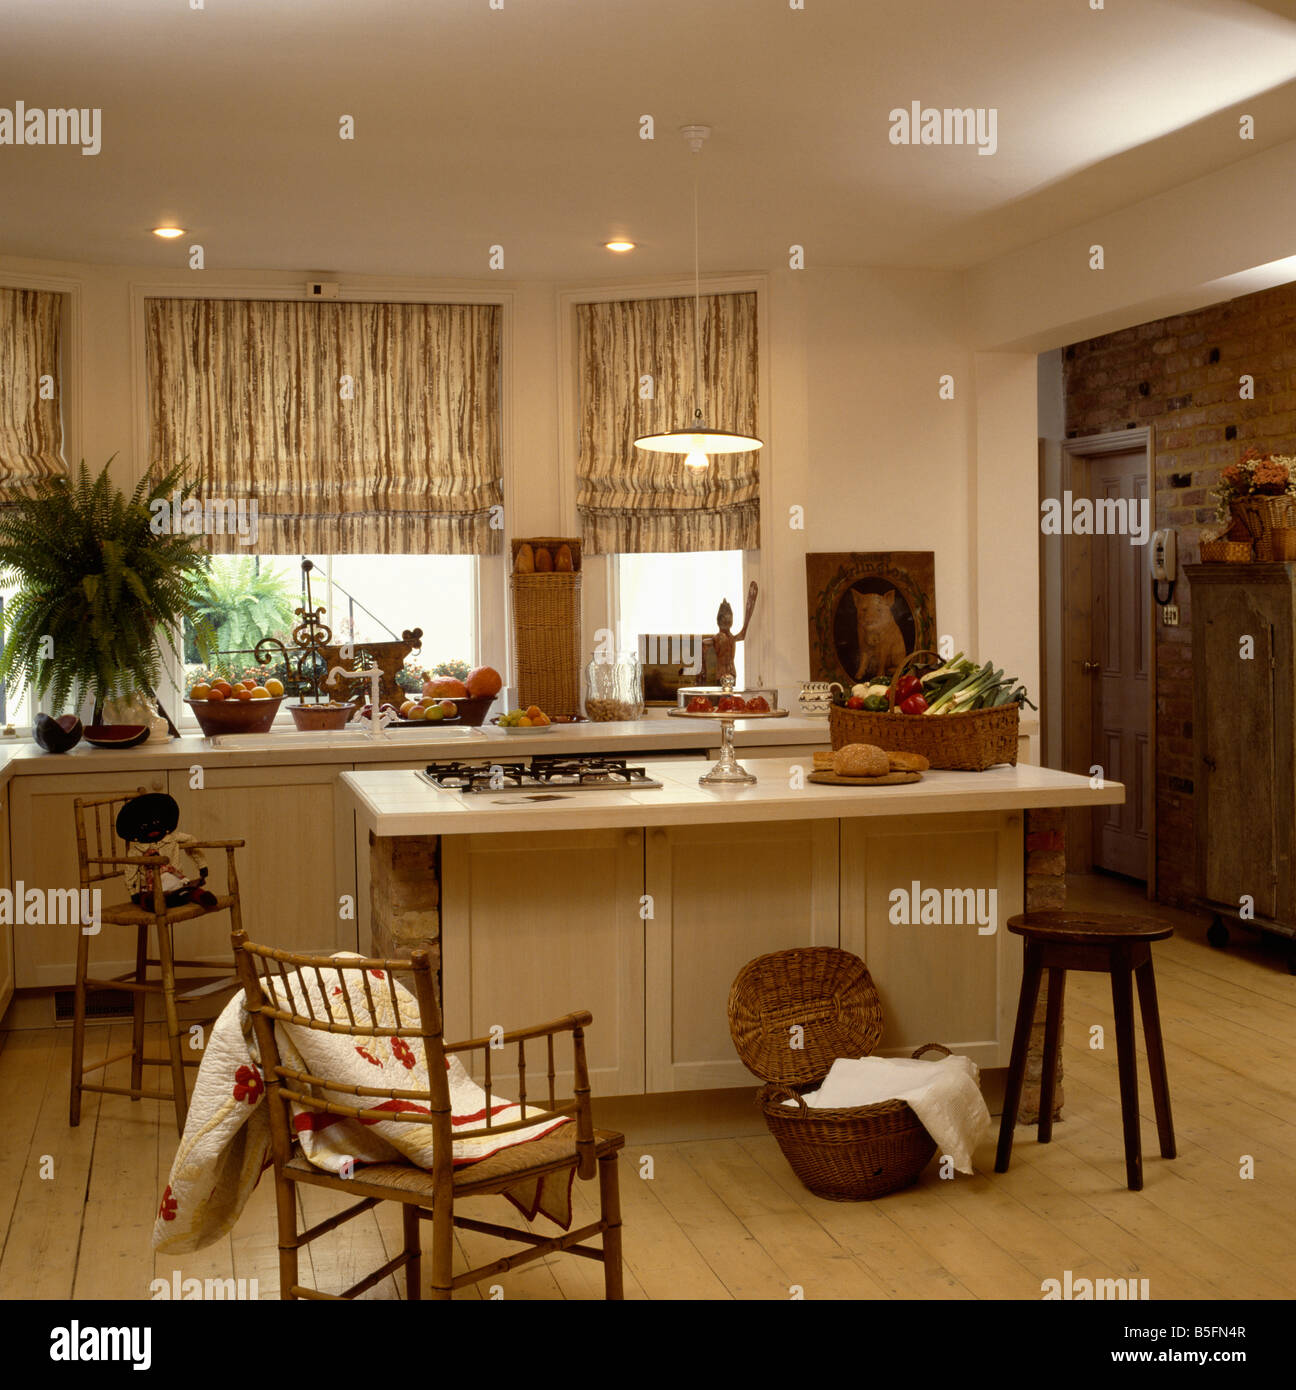 Patchwork Quilt auf Shaker-Stil Stuhl in Creme Küche mit großer Korb ...